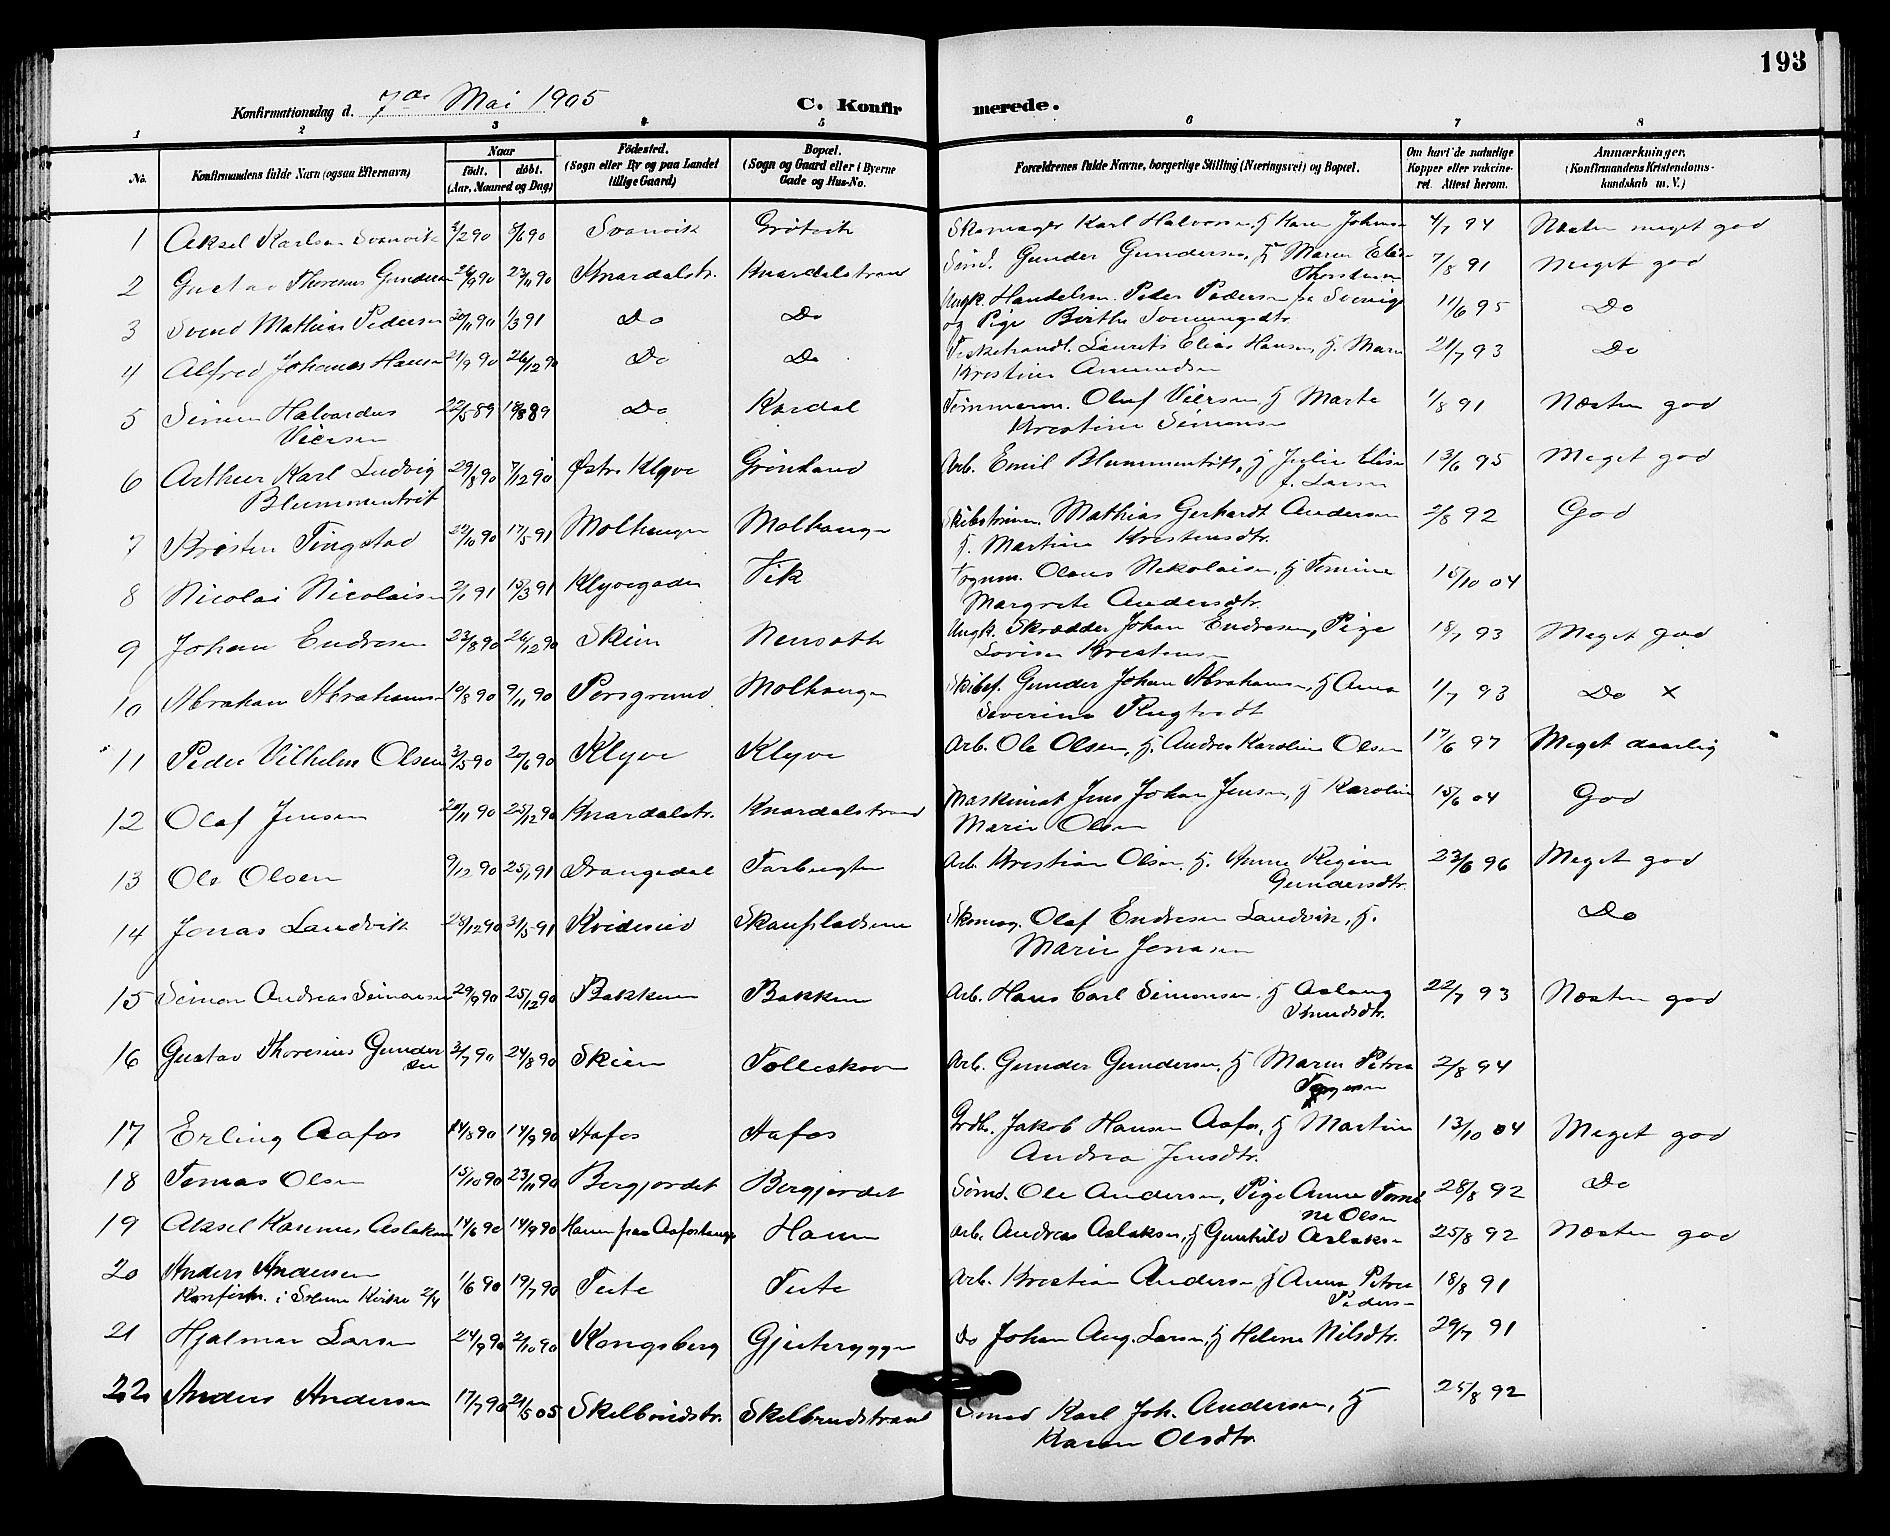 SAKO, Solum kirkebøker, G/Ga/L0008: Klokkerbok nr. I 8, 1898-1909, s. 193